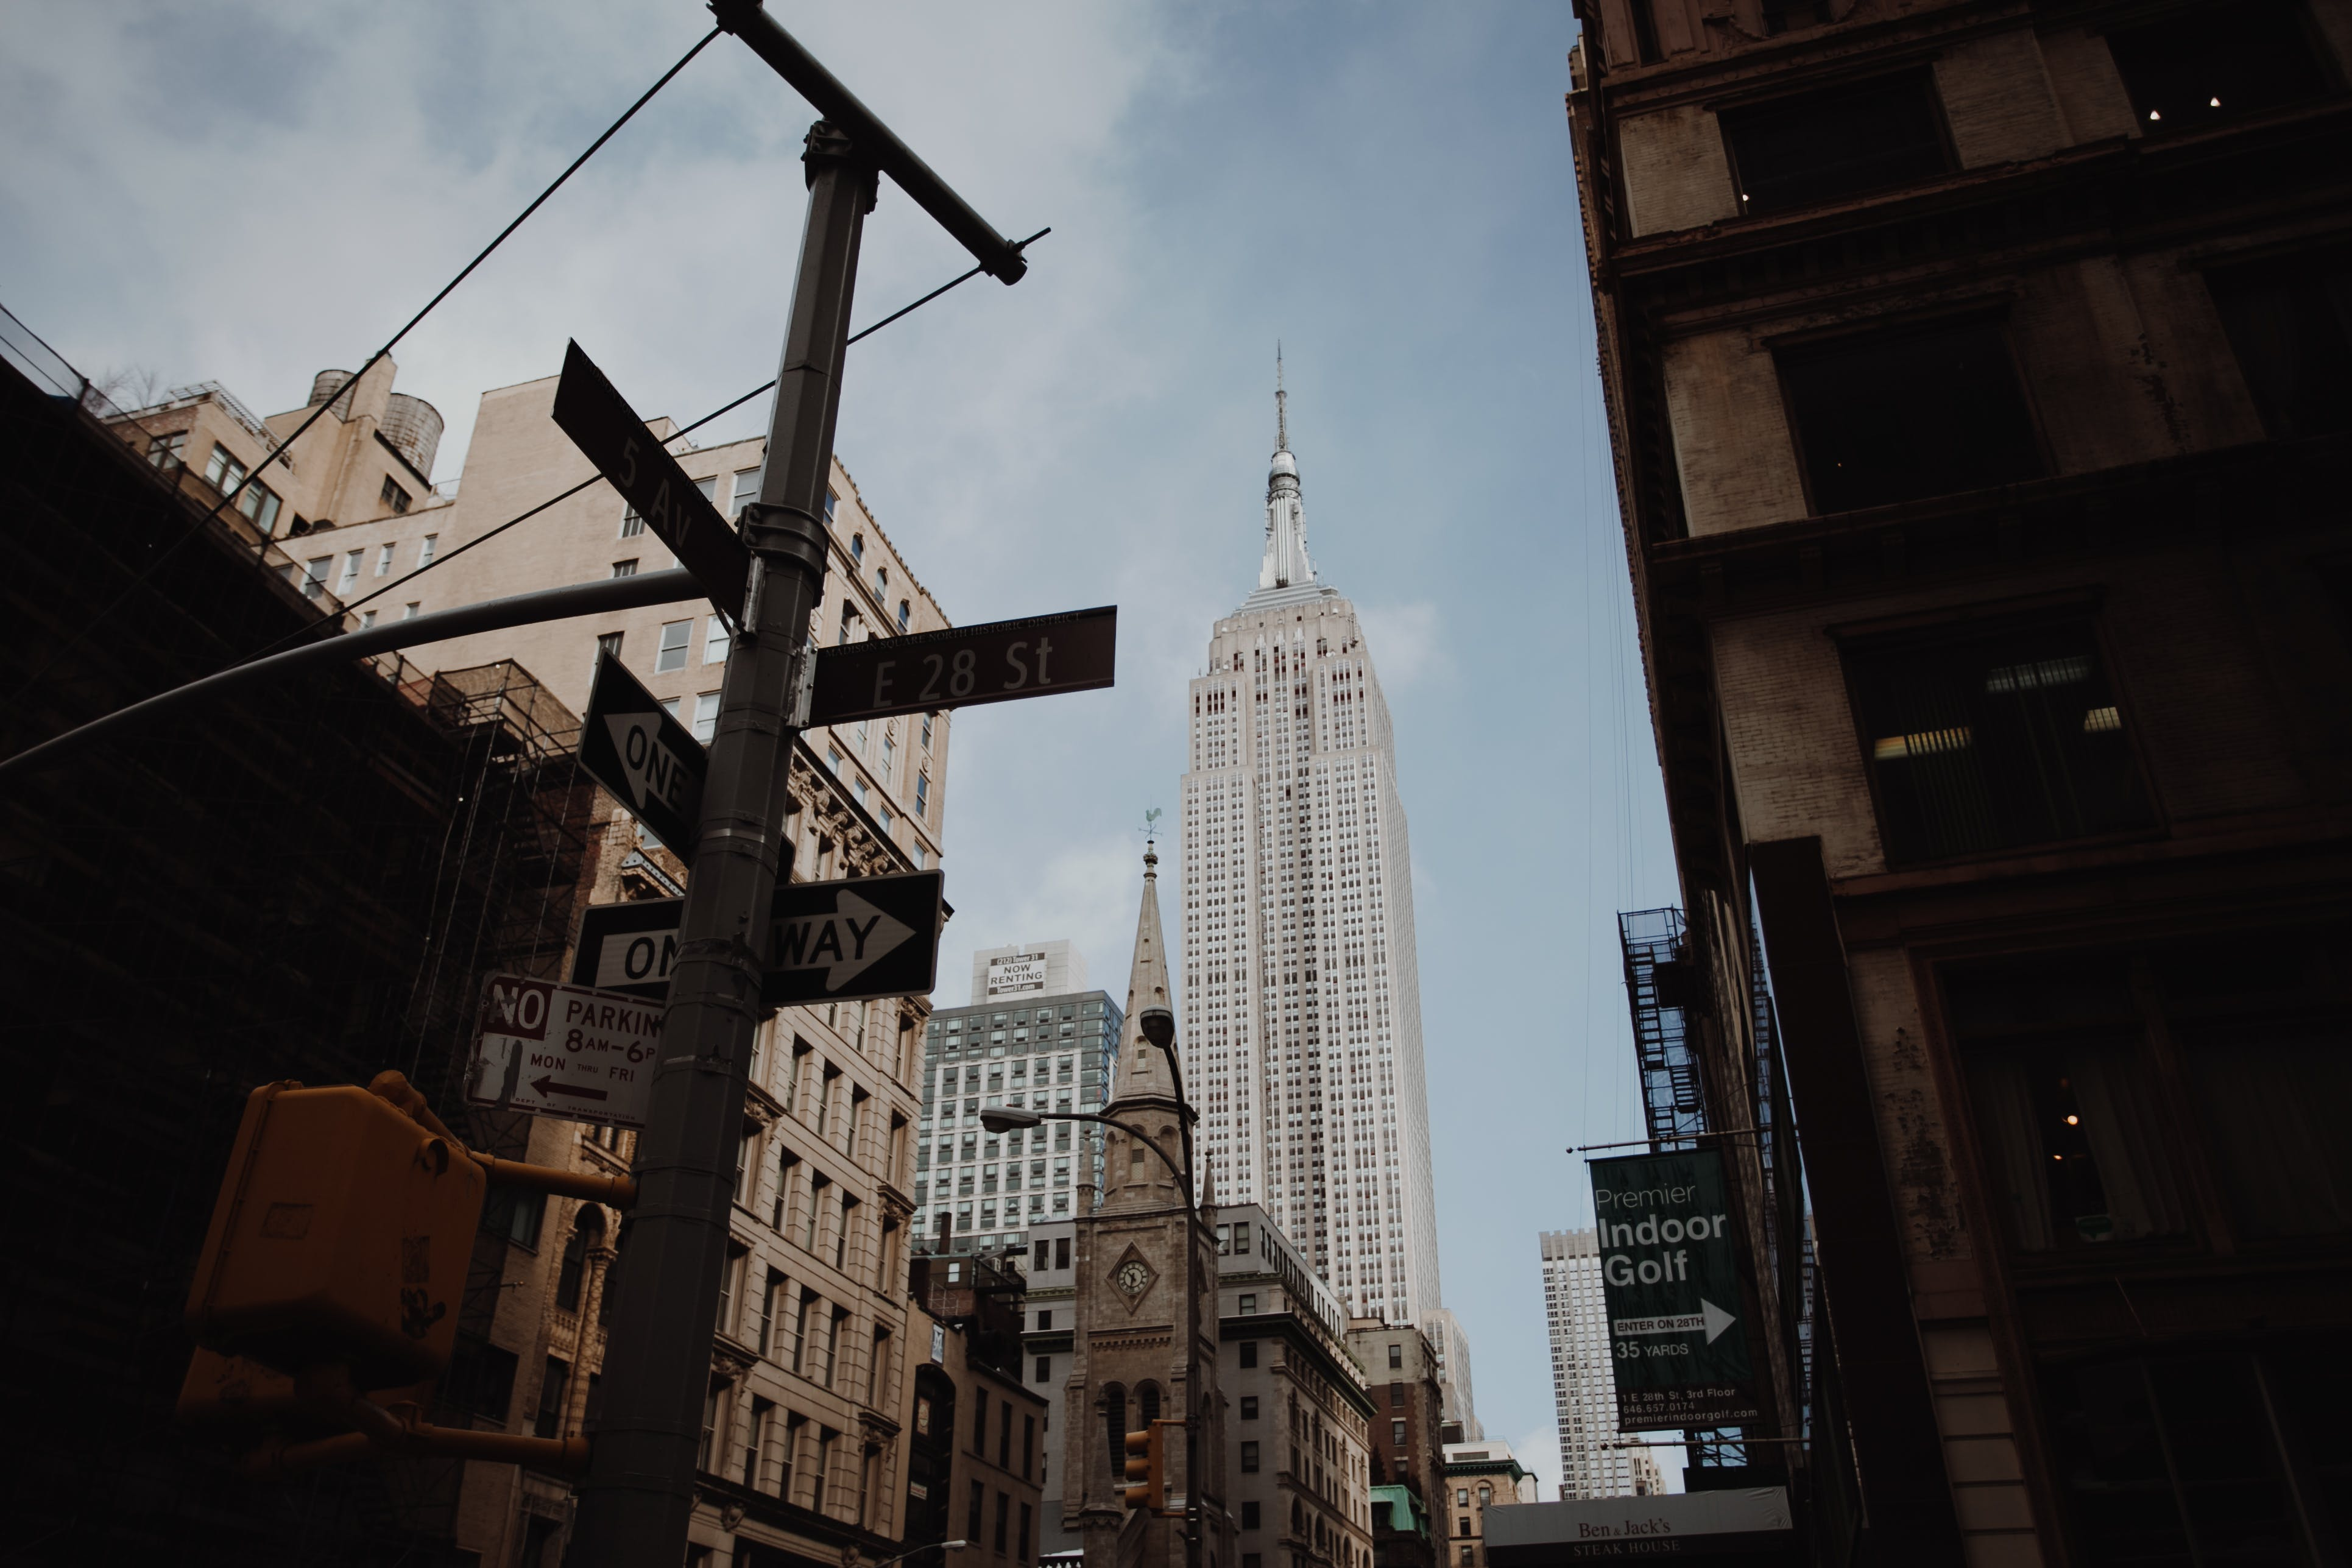 Kostnadsfri bild av arkitektur, byggnader, Empire State Building, gata